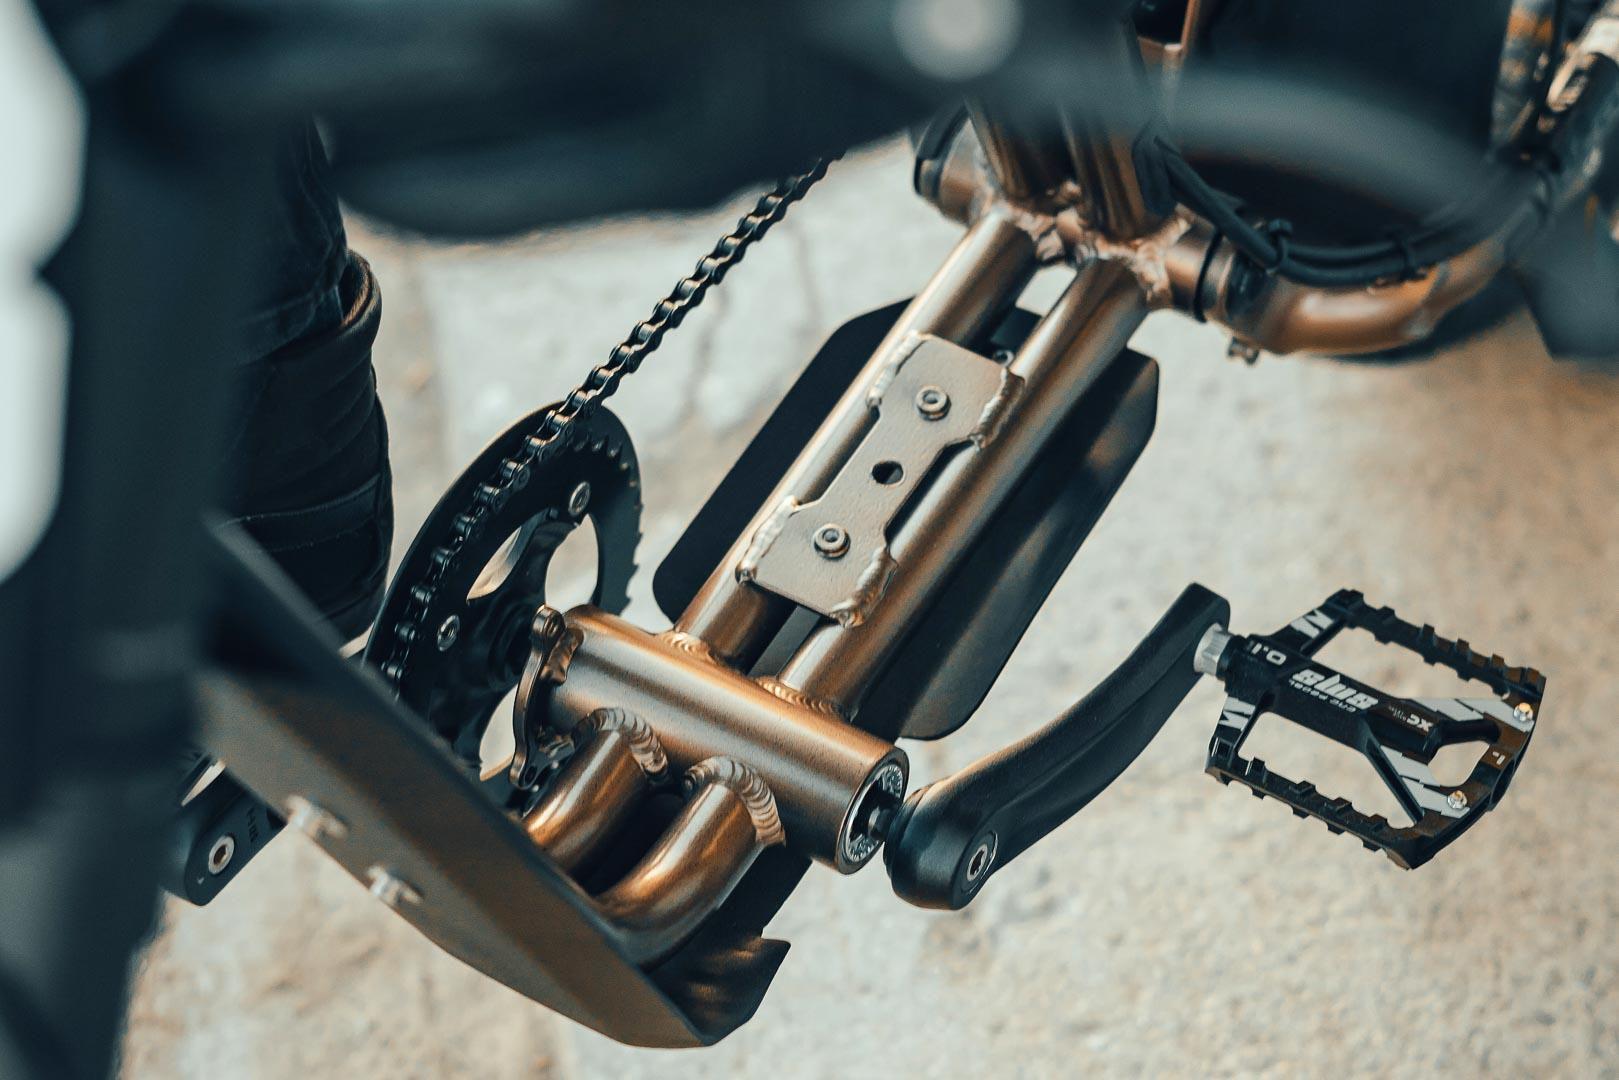 Super73 Flat Track RX: Chiếc xe đạp lai đầy táo bạo Ảnh 6